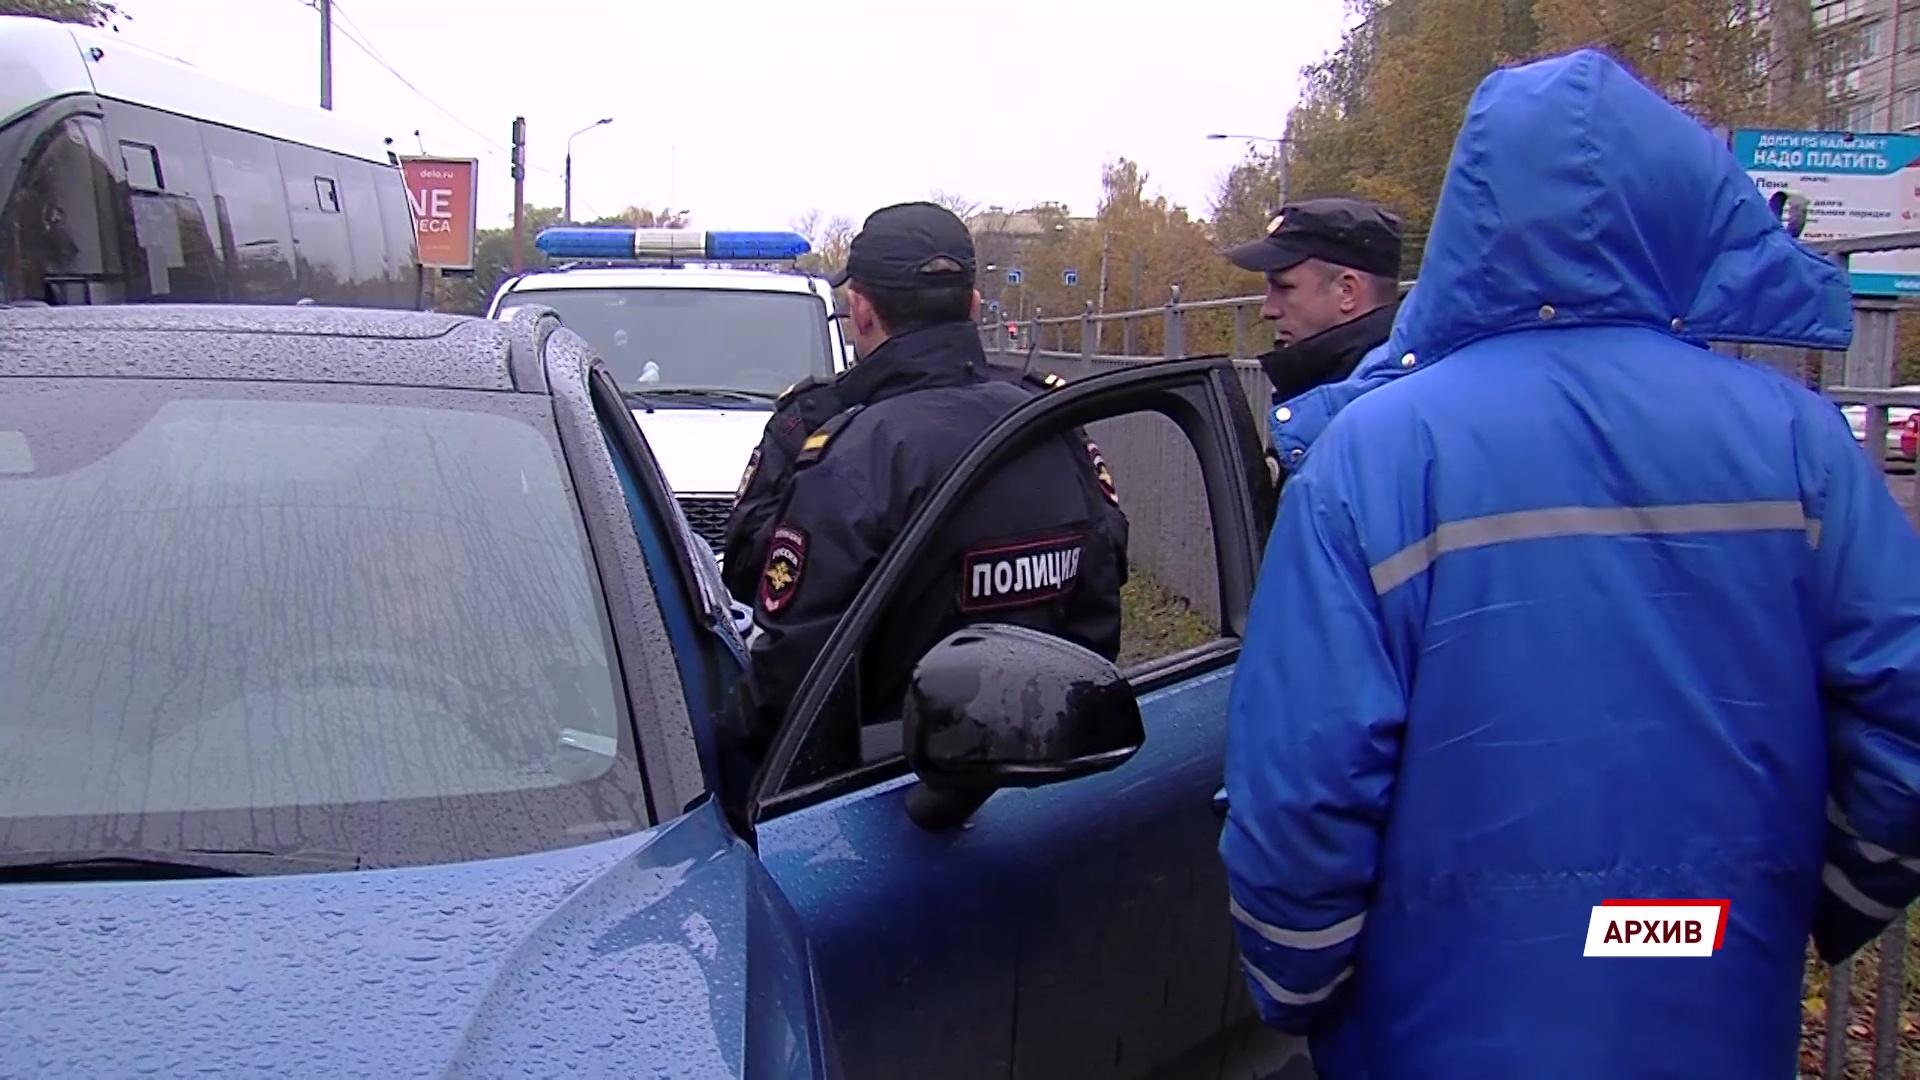 В России могут ввести новый штраф для водителей, отказавшихся от медосвидетельствования